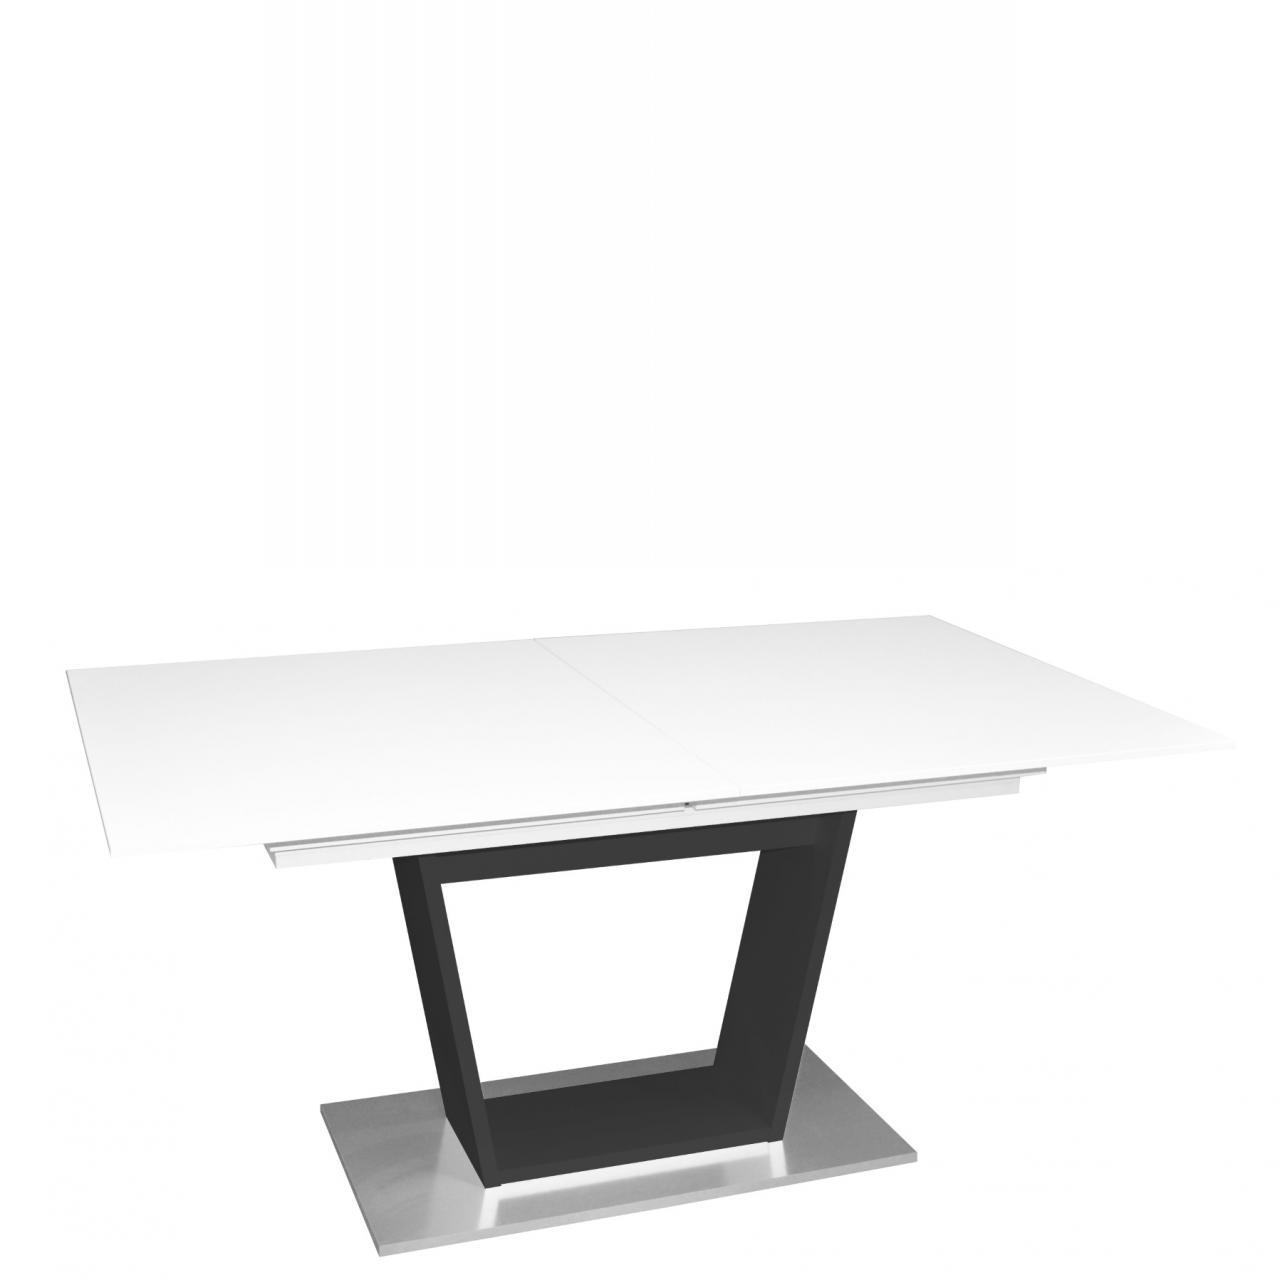 hocker esstisch gallery of pub sthle bar hocker esstisch und sthlen barhockern in der nhe von. Black Bedroom Furniture Sets. Home Design Ideas